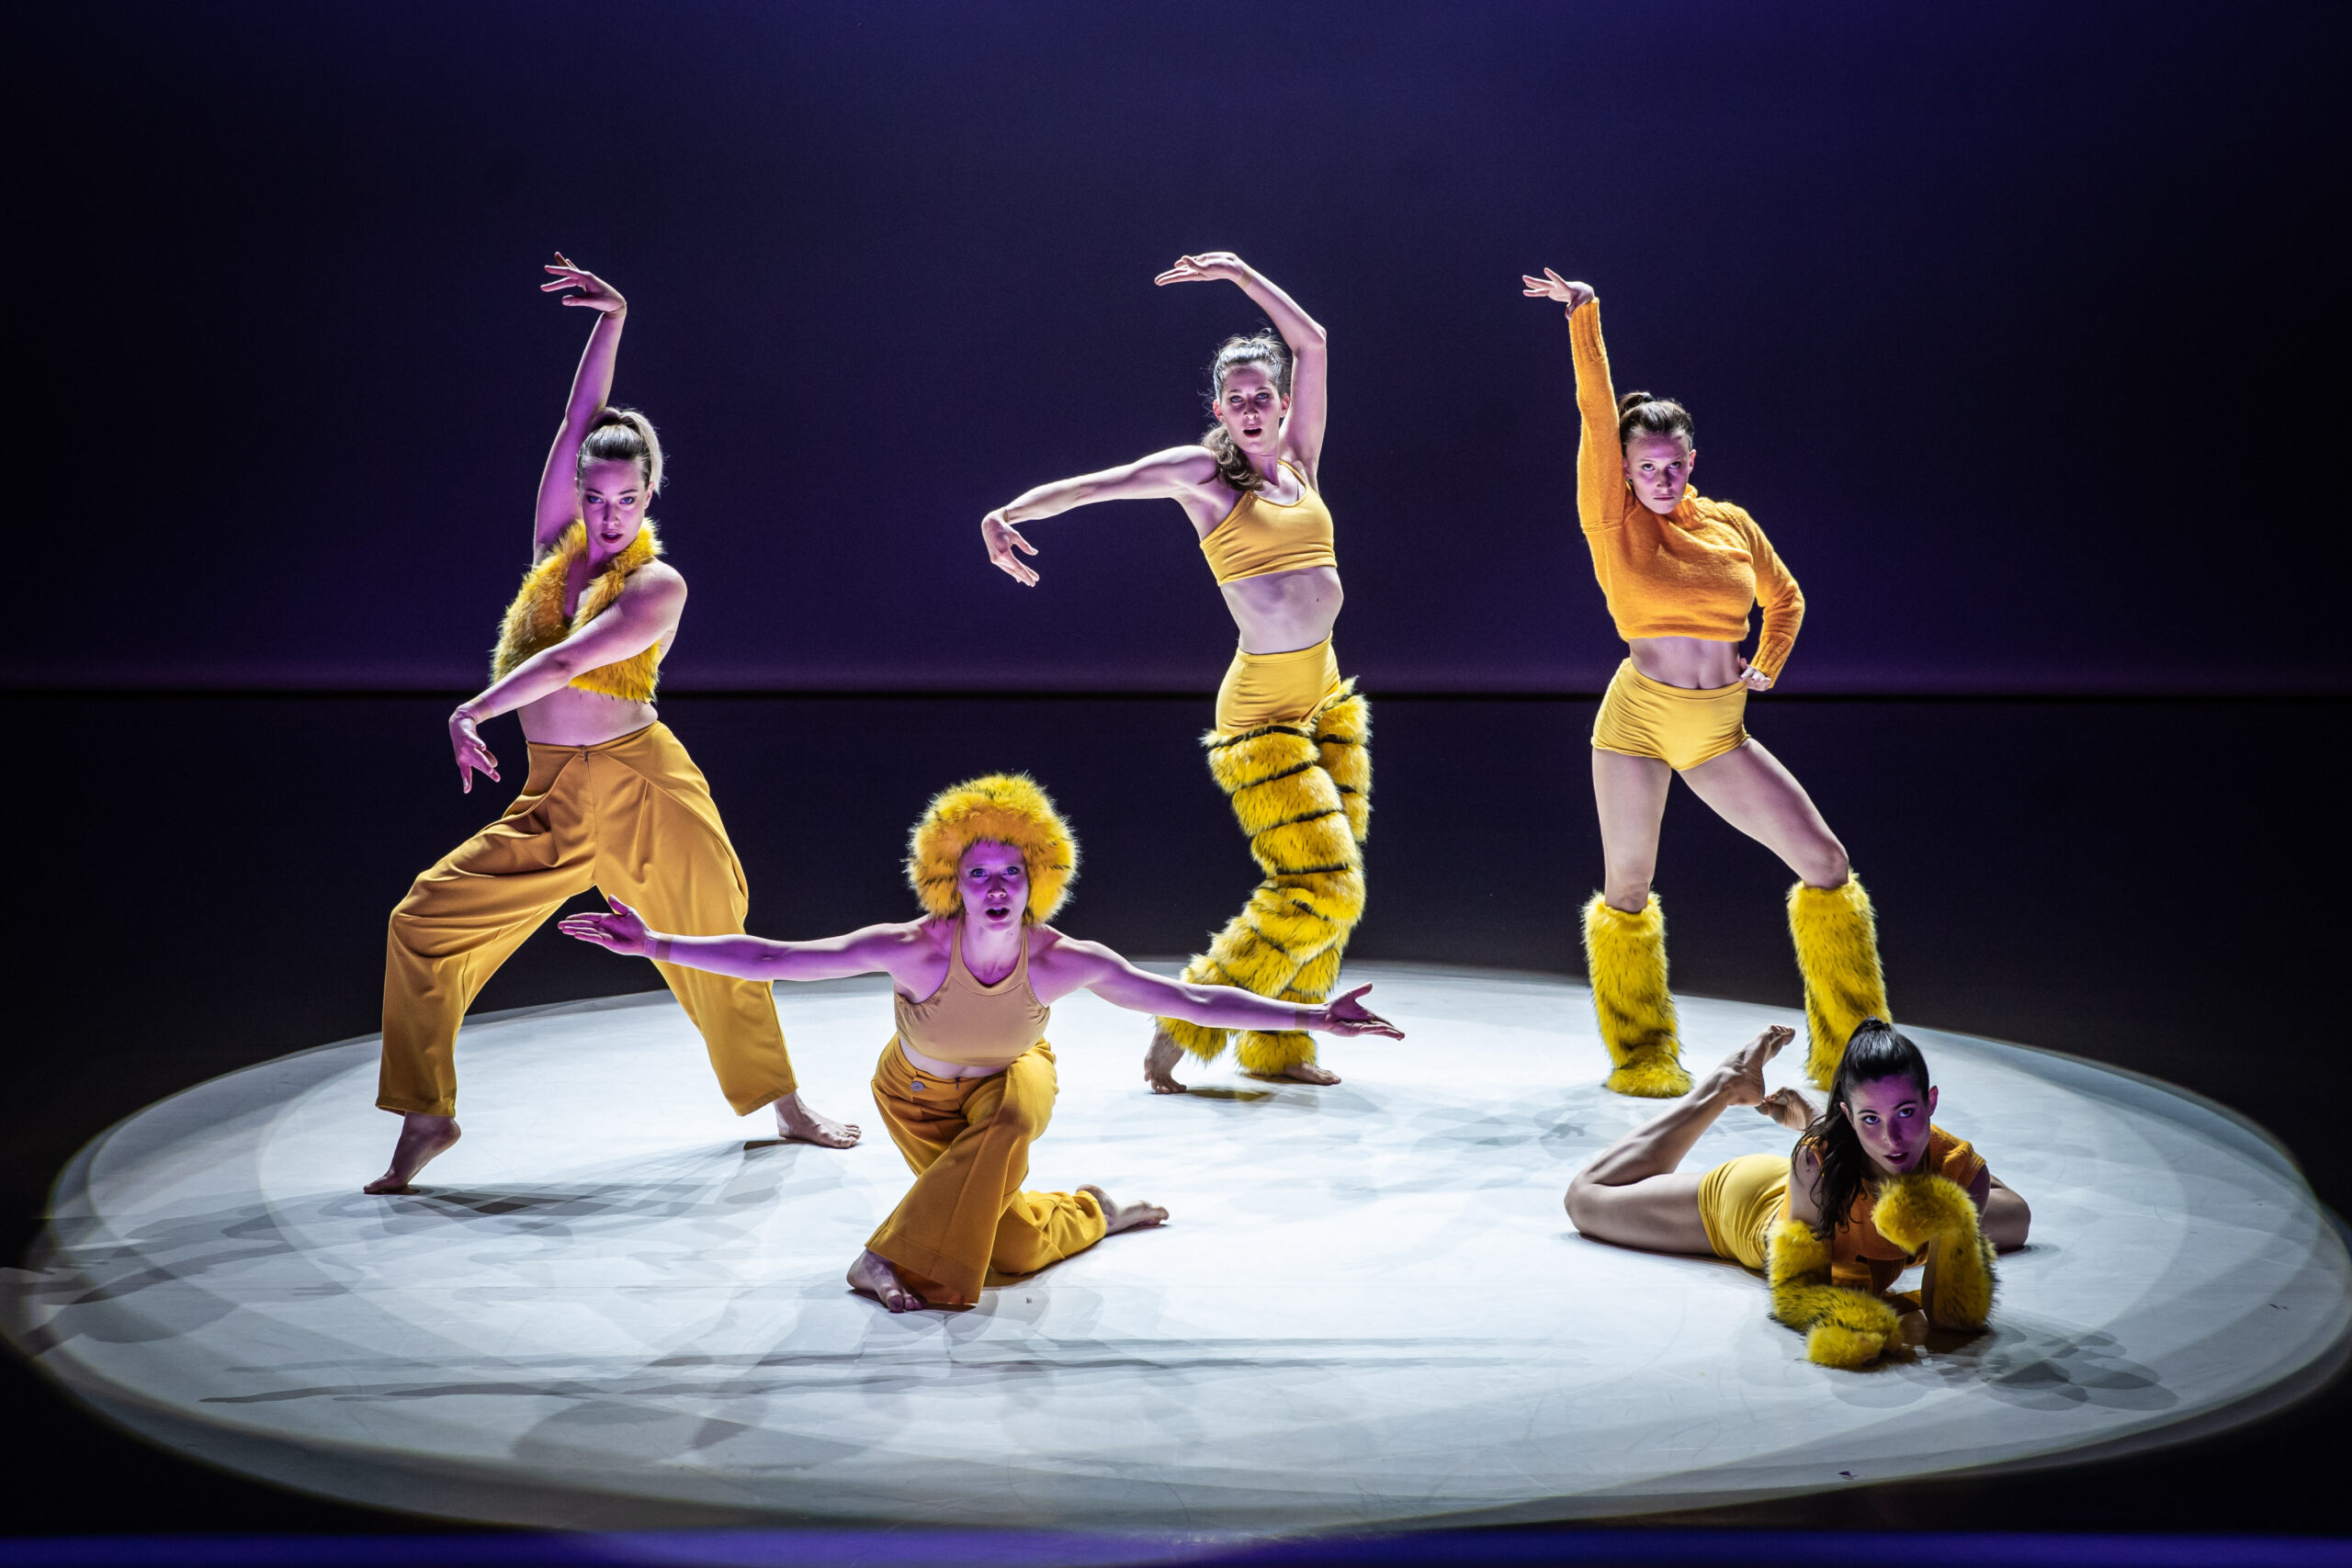 A RAMAZURI című tánc-cirkuszi előadás egy izgalmas és látványos összművészeti produkció.